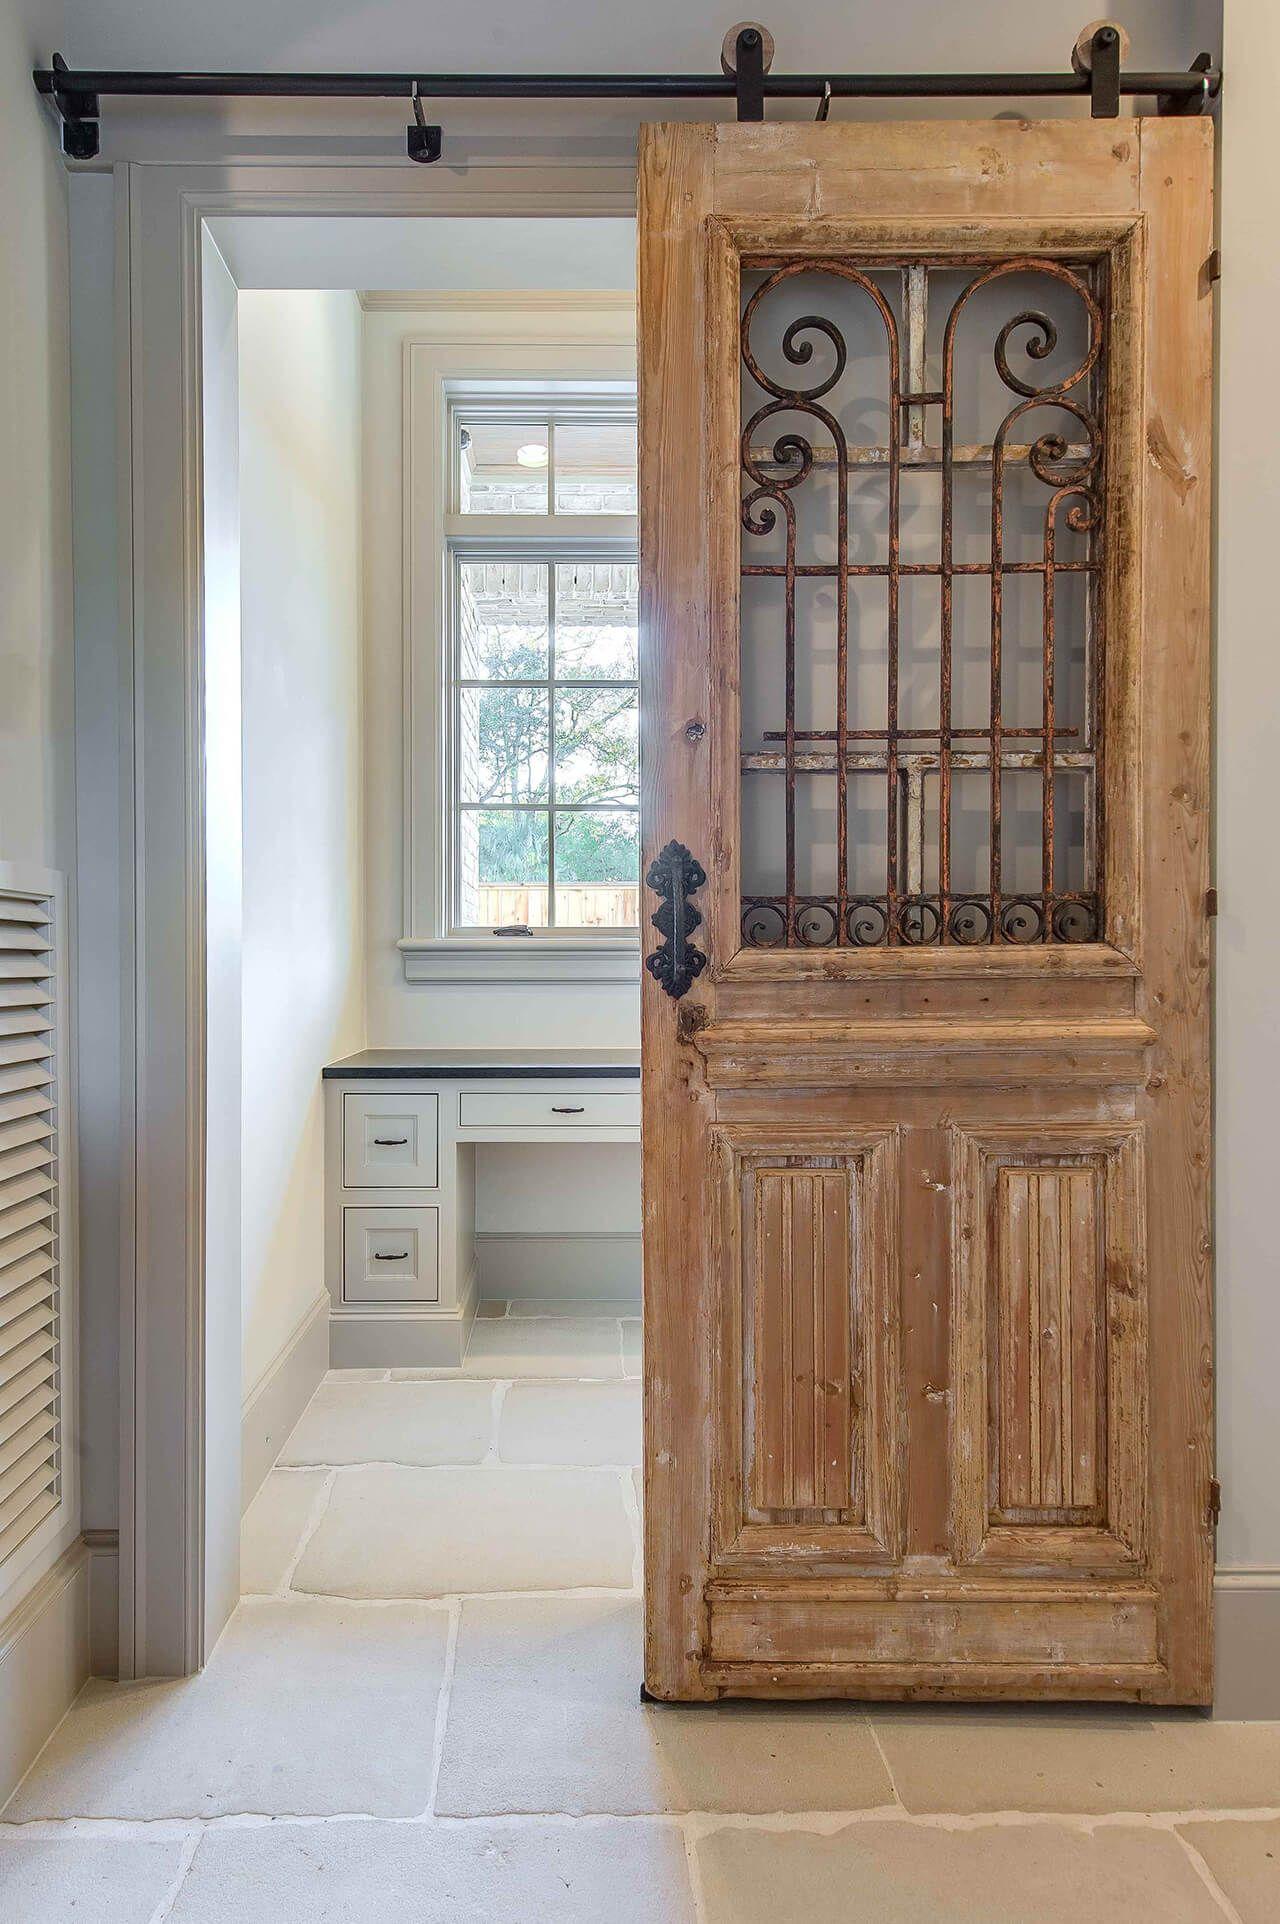 Wrought Iron Scroll Windowed Office Door - 33 Artistic And Practical Repurposed Old Door Ideas Hometalk